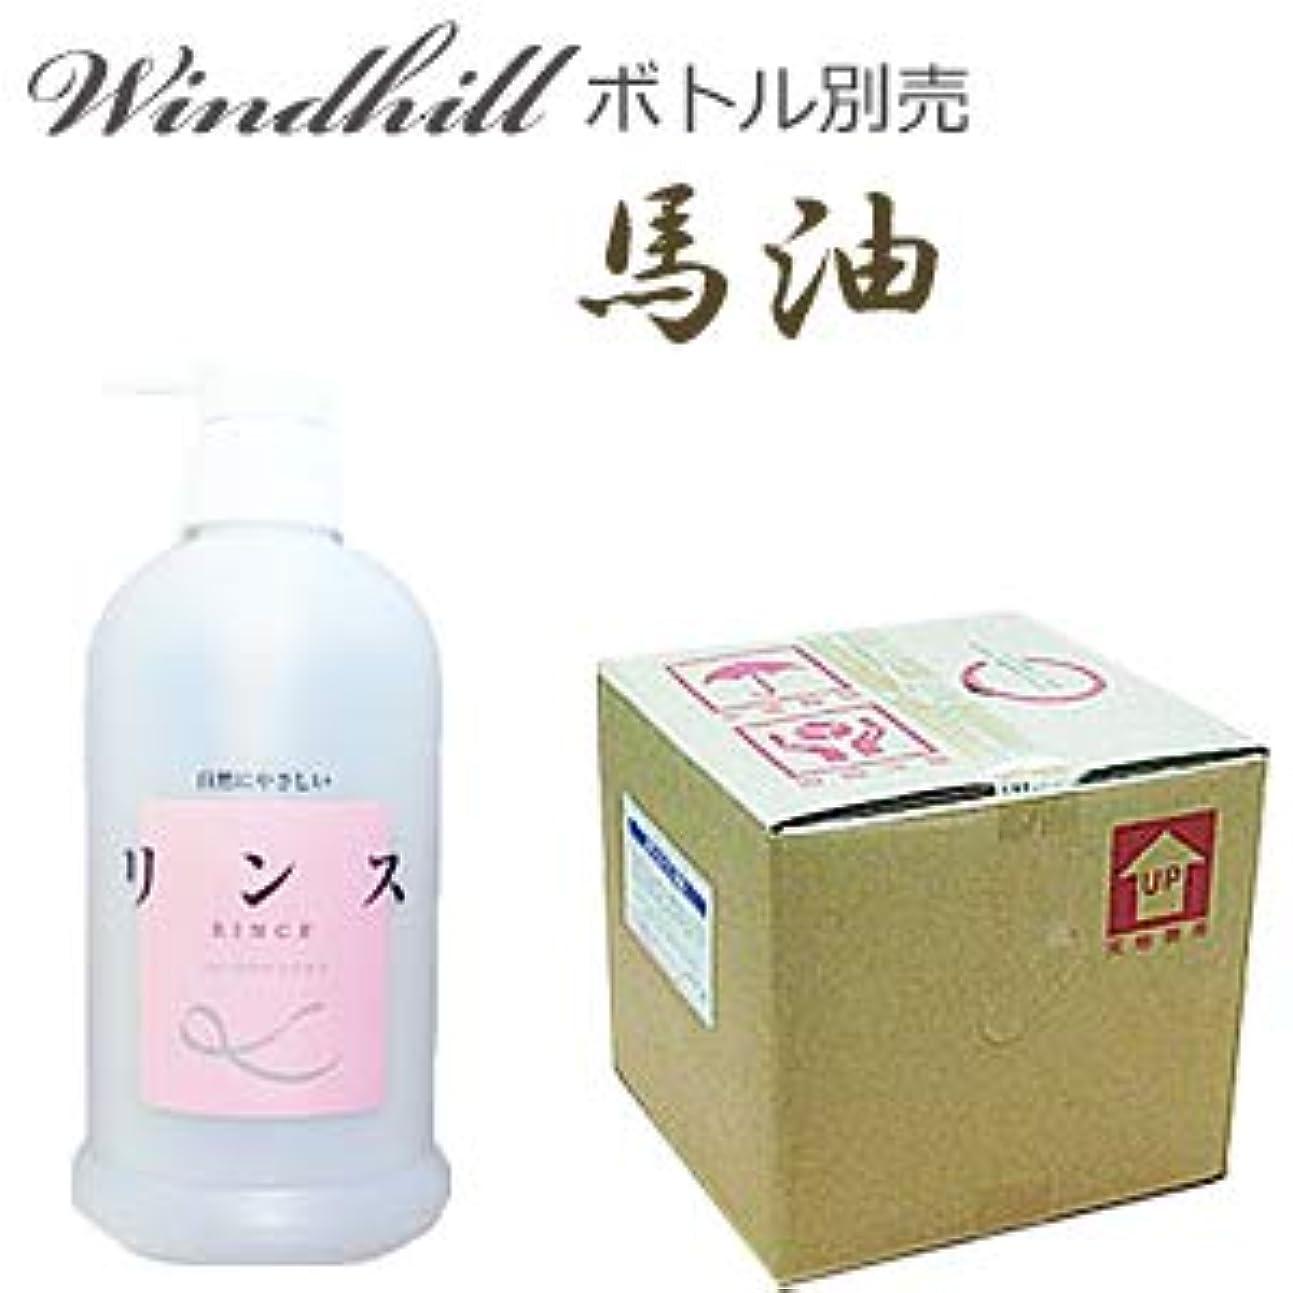 アルプス情熱的ユーモアなんと! 500ml当り190円 Windhill 馬油 業務用 リンス  フローラルの香り 20L